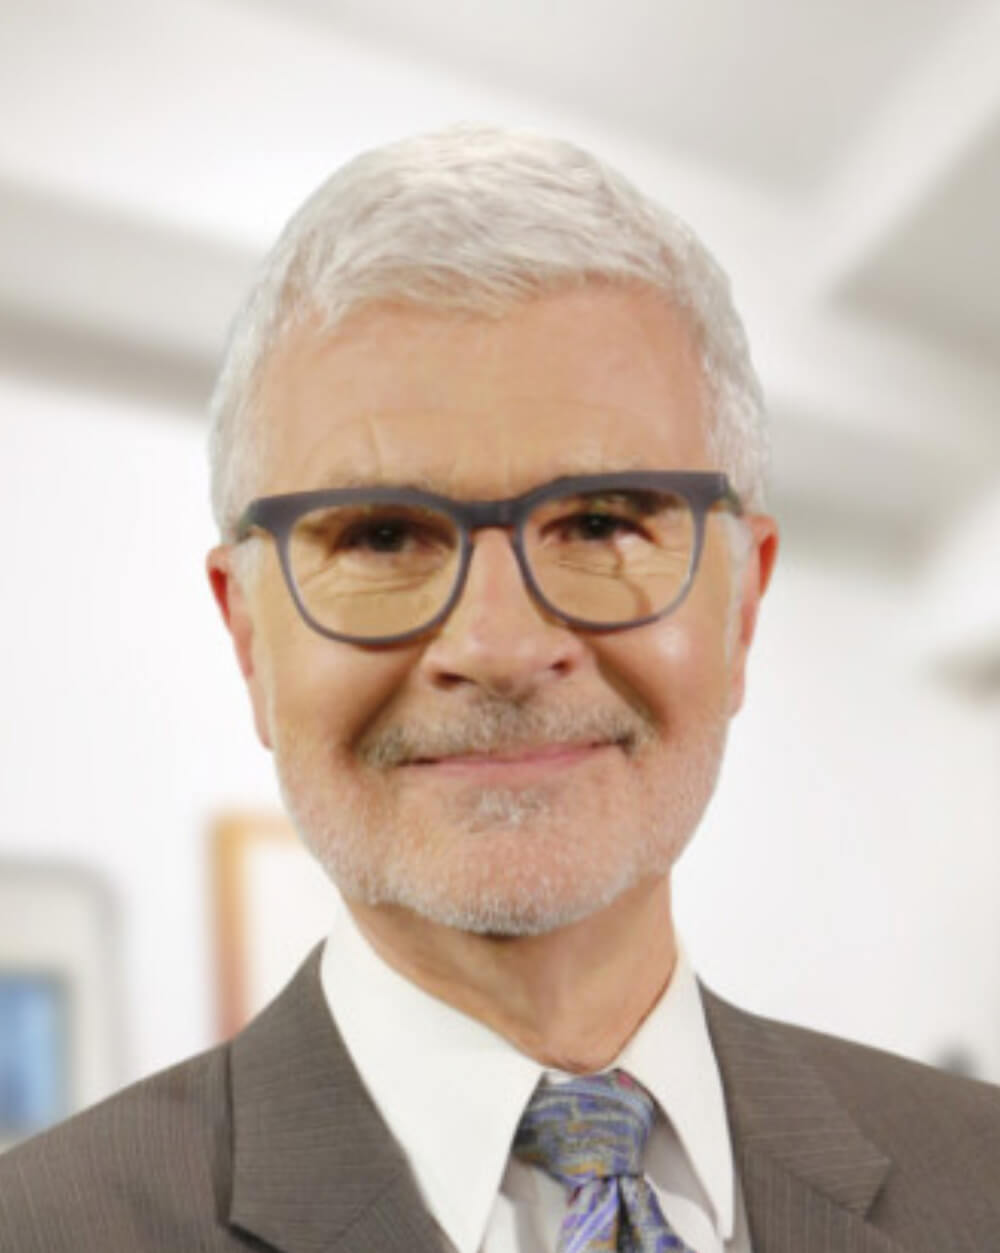 Dr. Steven R. Gundry